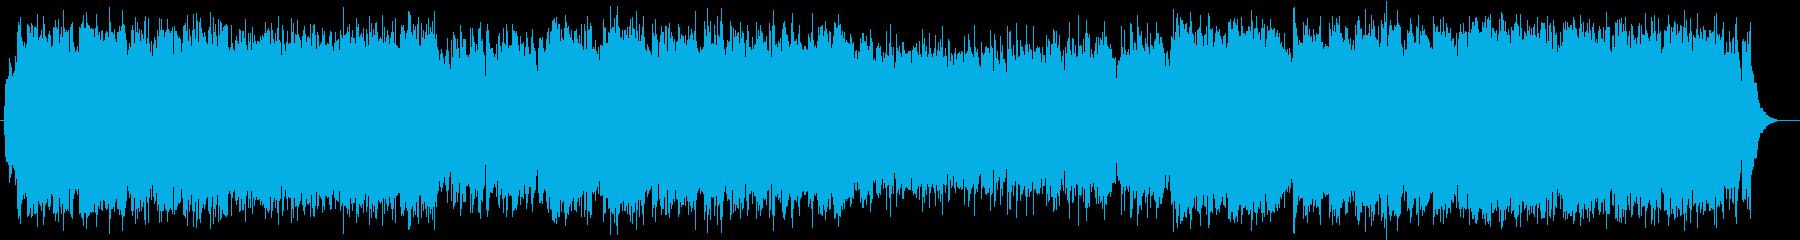 シンセサイザーによる壮大な楽曲の再生済みの波形